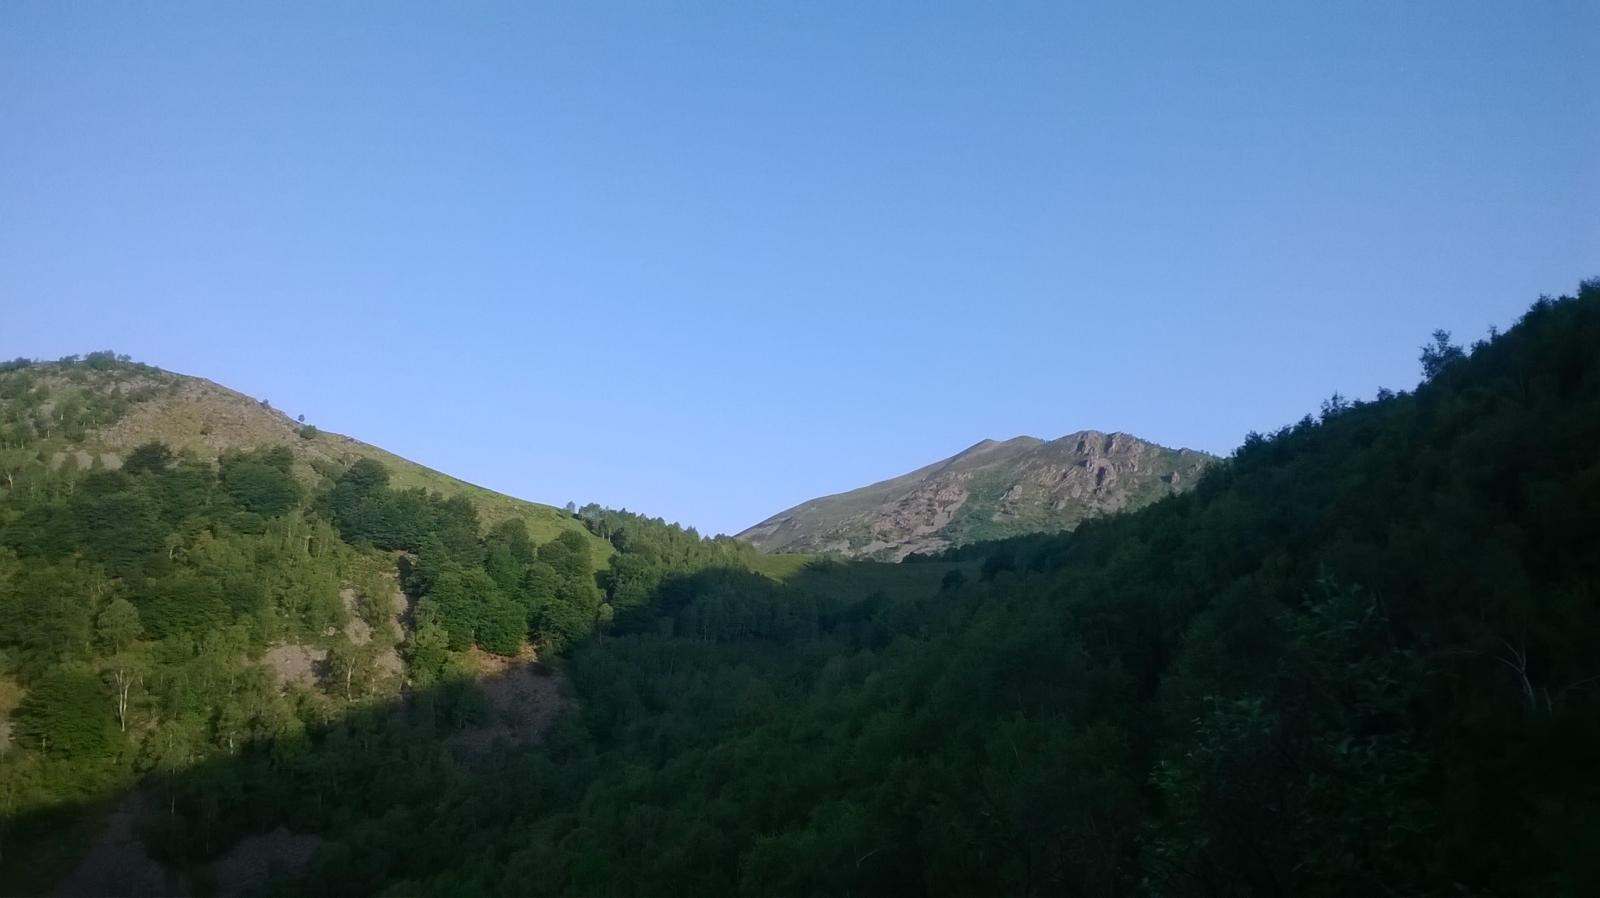 il monticchio appena fuori dal bosco